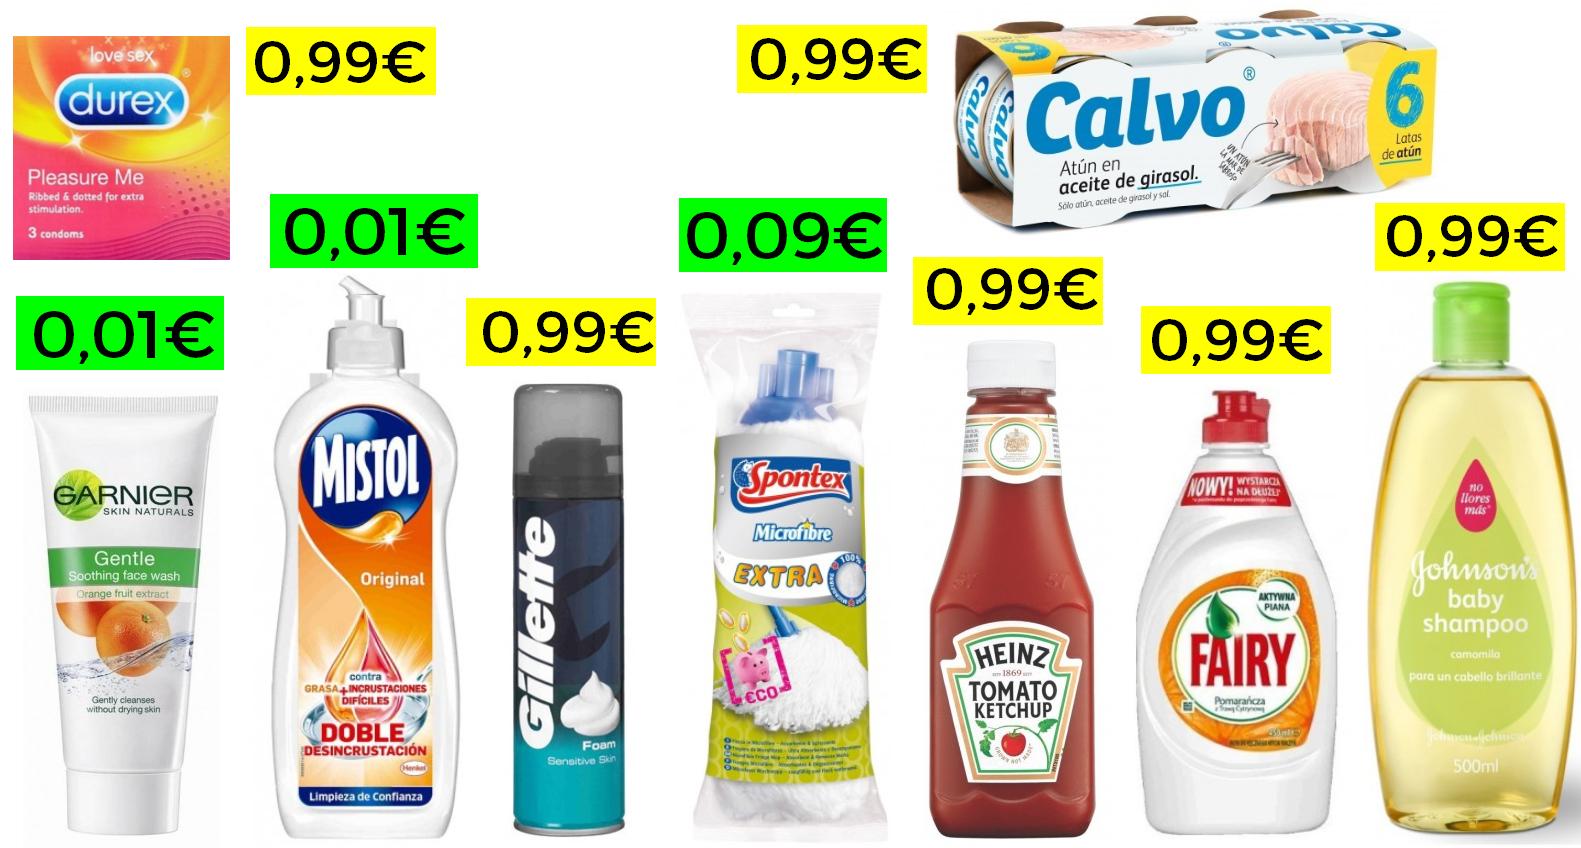 Más de 100 productos super a menos de 1€